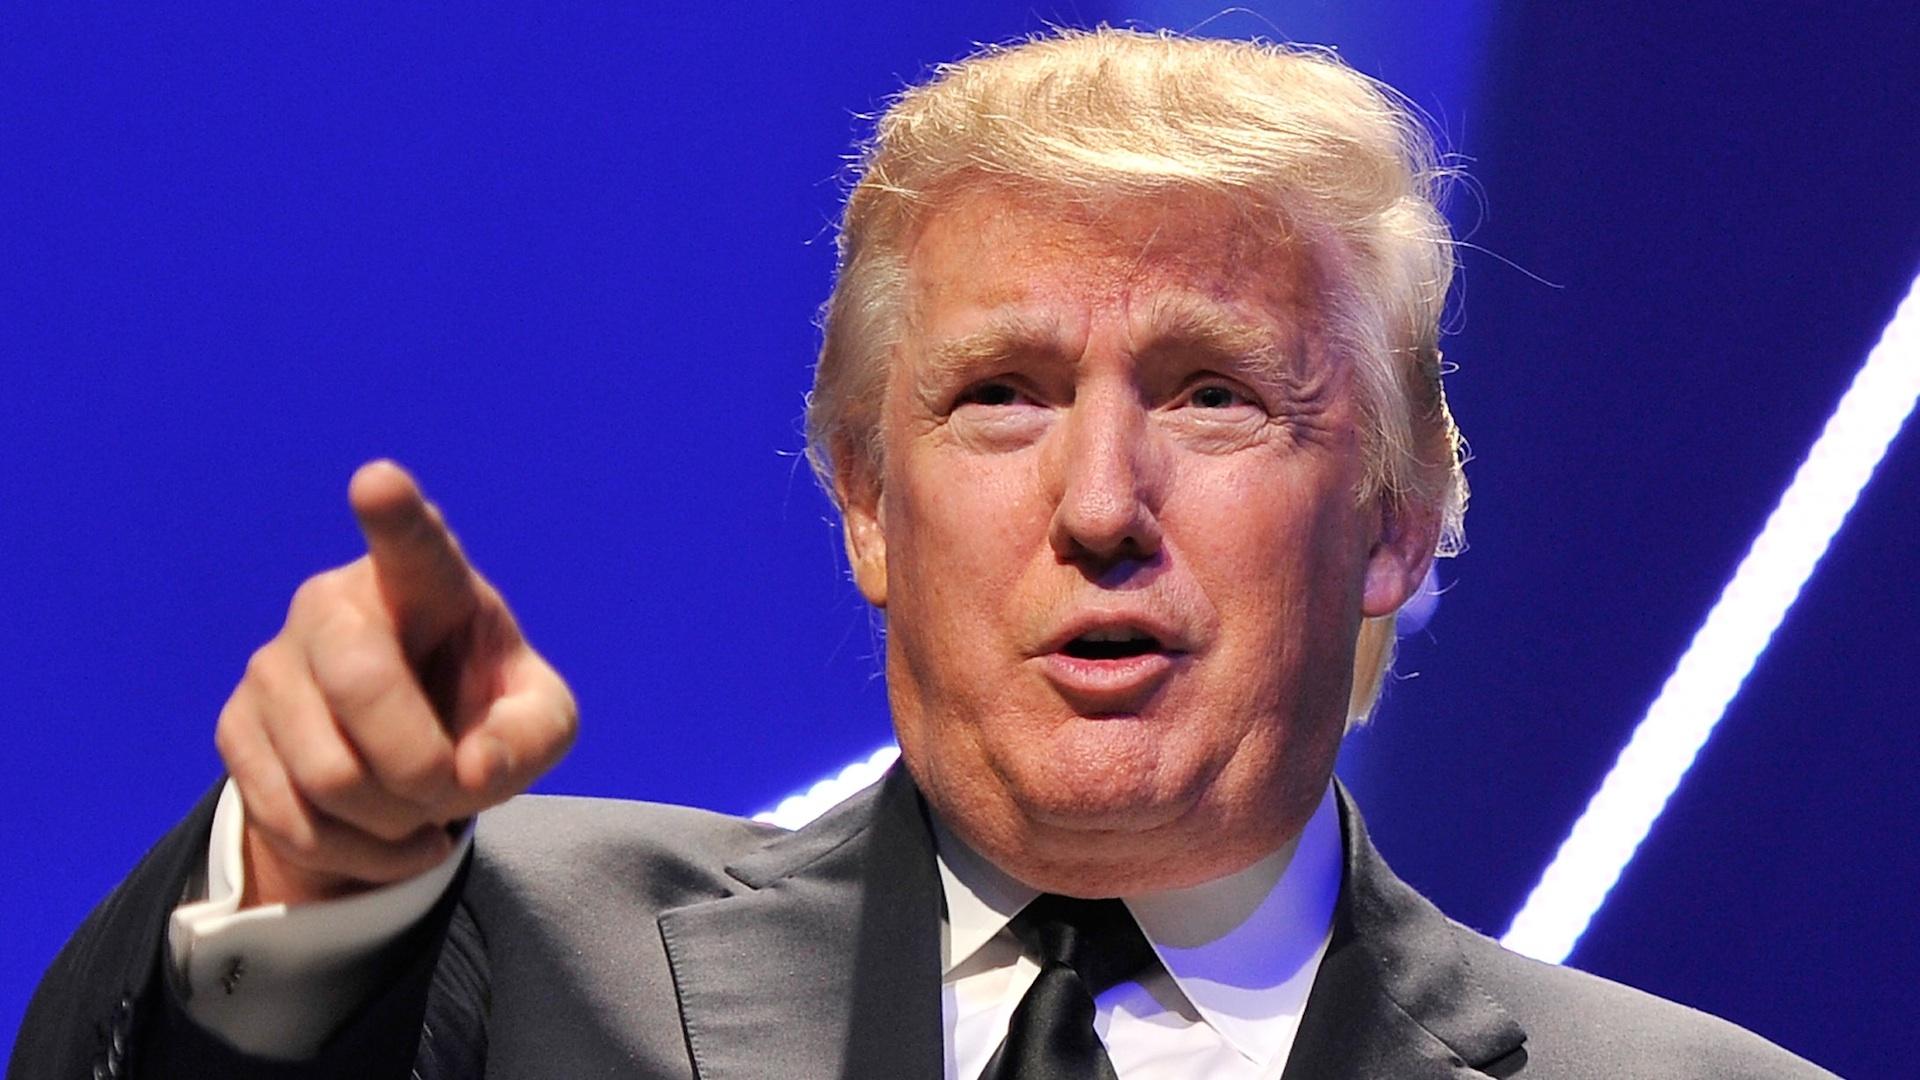 Donald Trump 12 Free Wallpaper